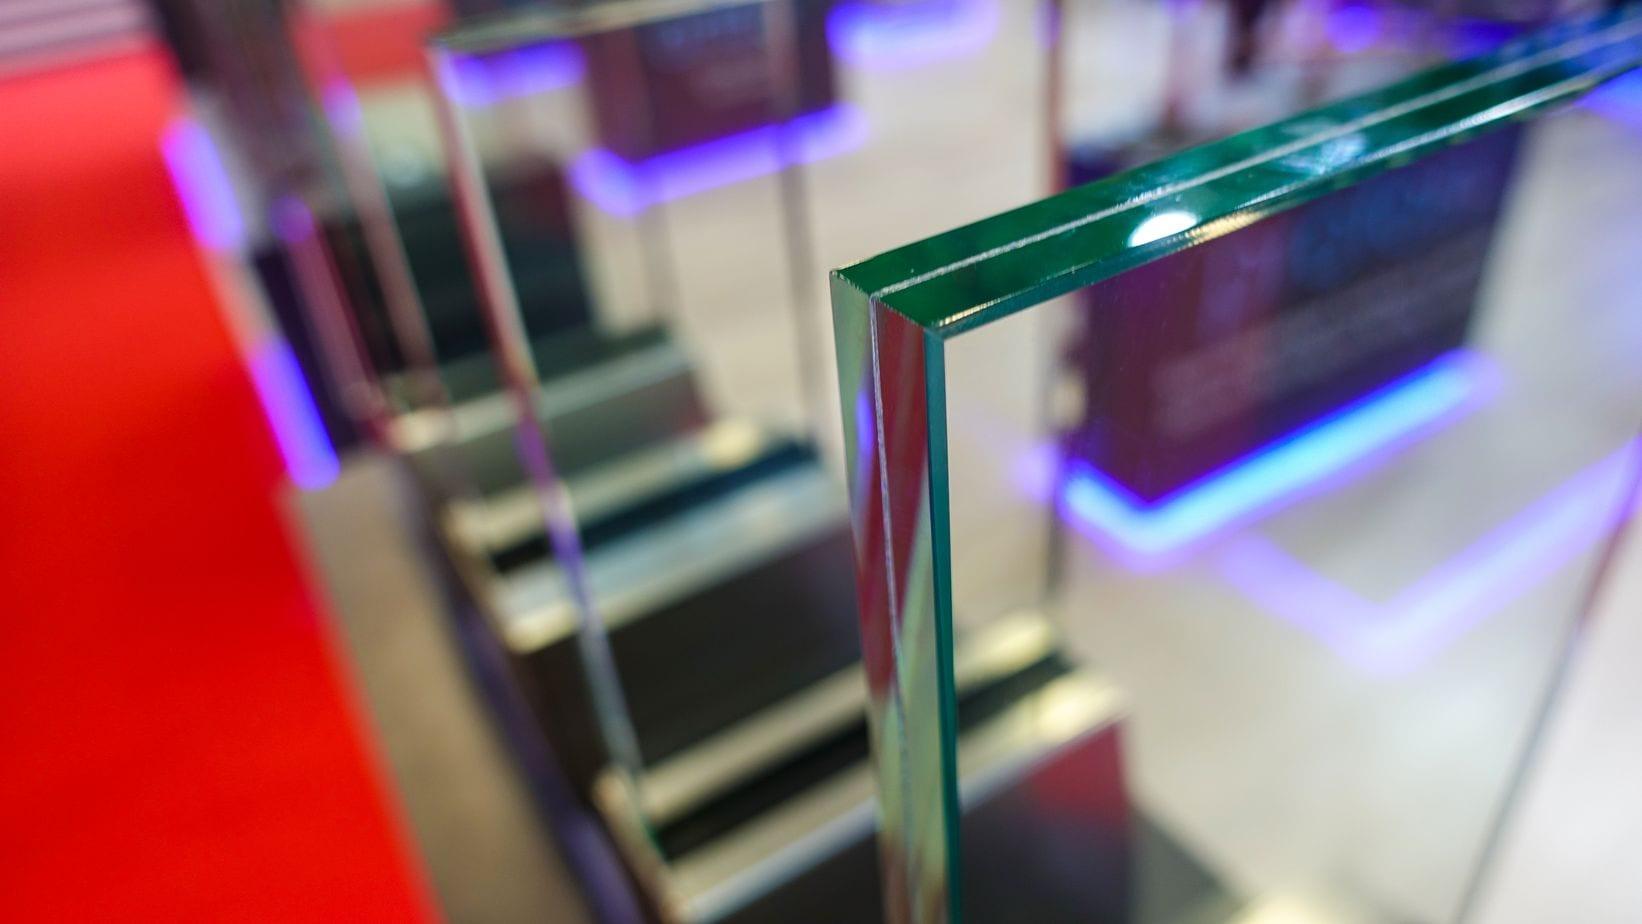 זכוכית בידודית לחלון מבודד עם פרופיל ברזל